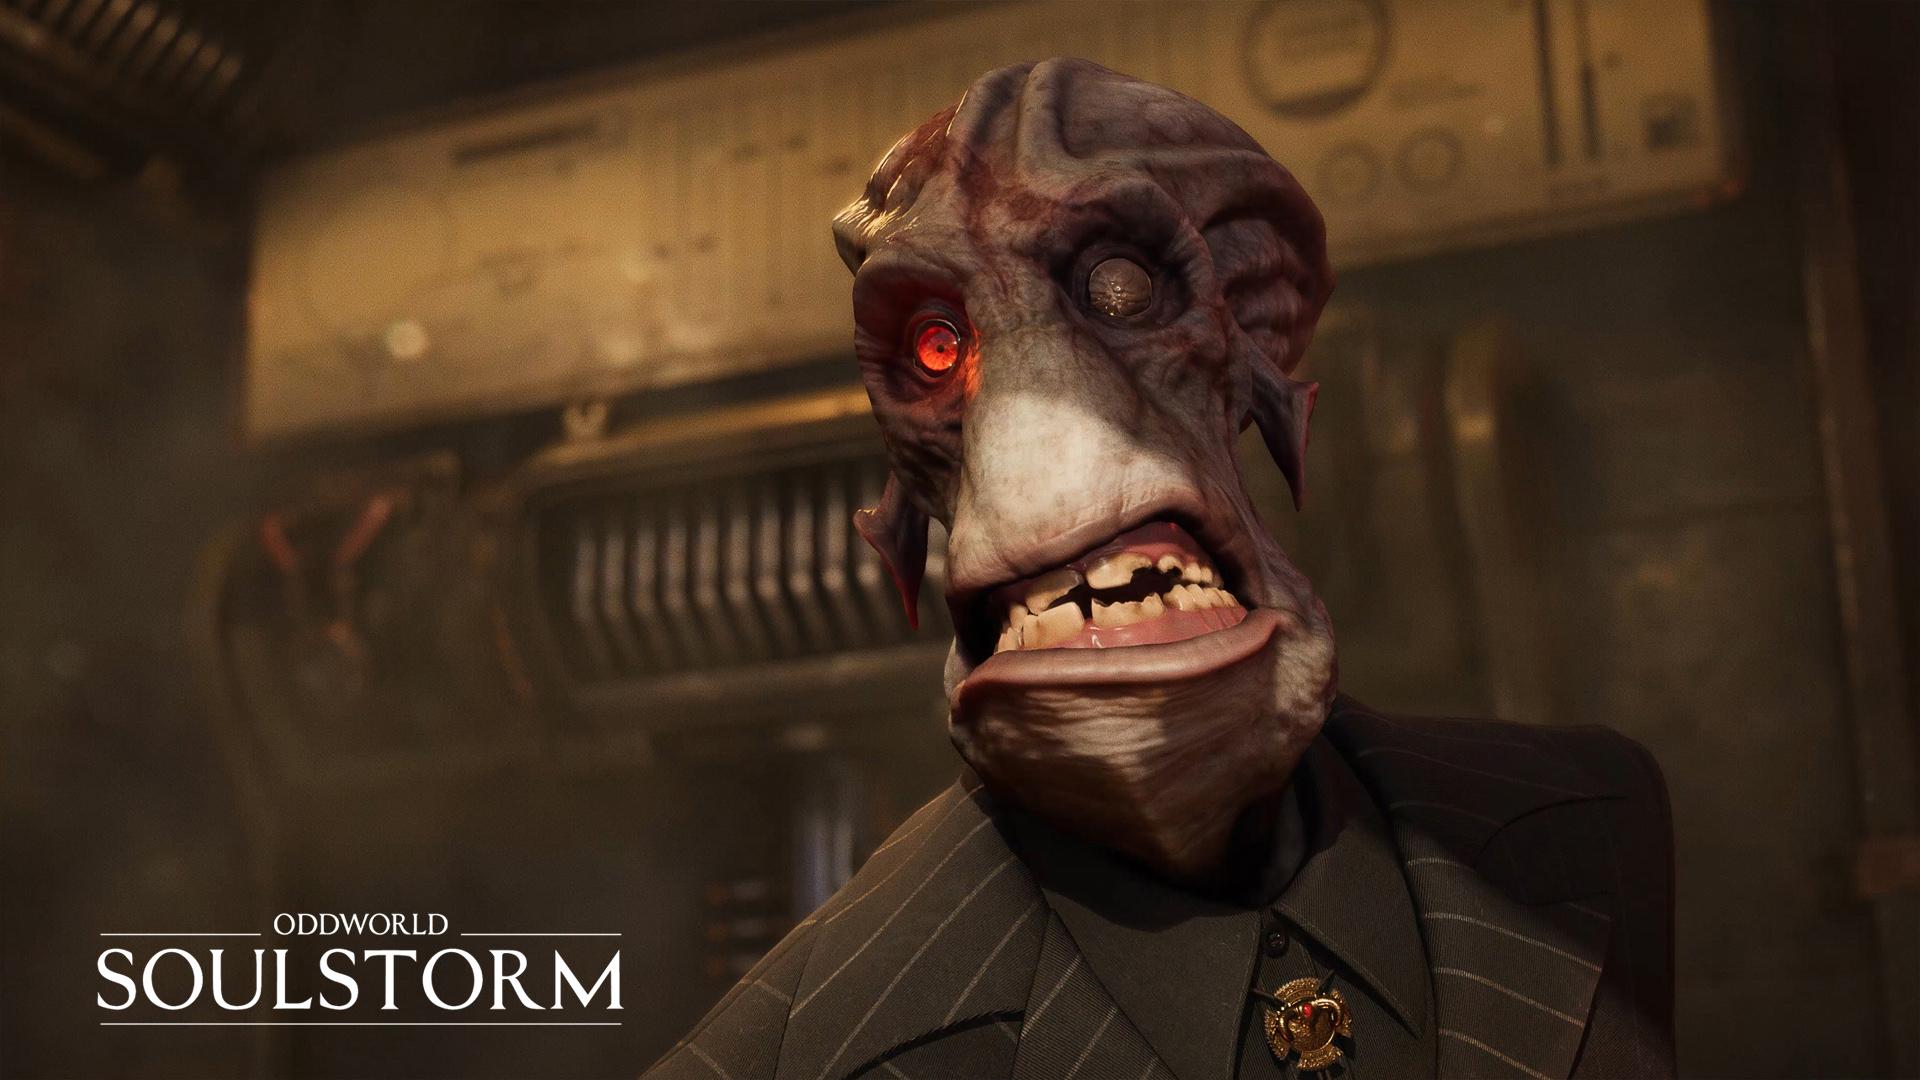 Oddworld: Soulstorm – Bigger Badder Bolder Odder Due To The Power Of Playstation 5